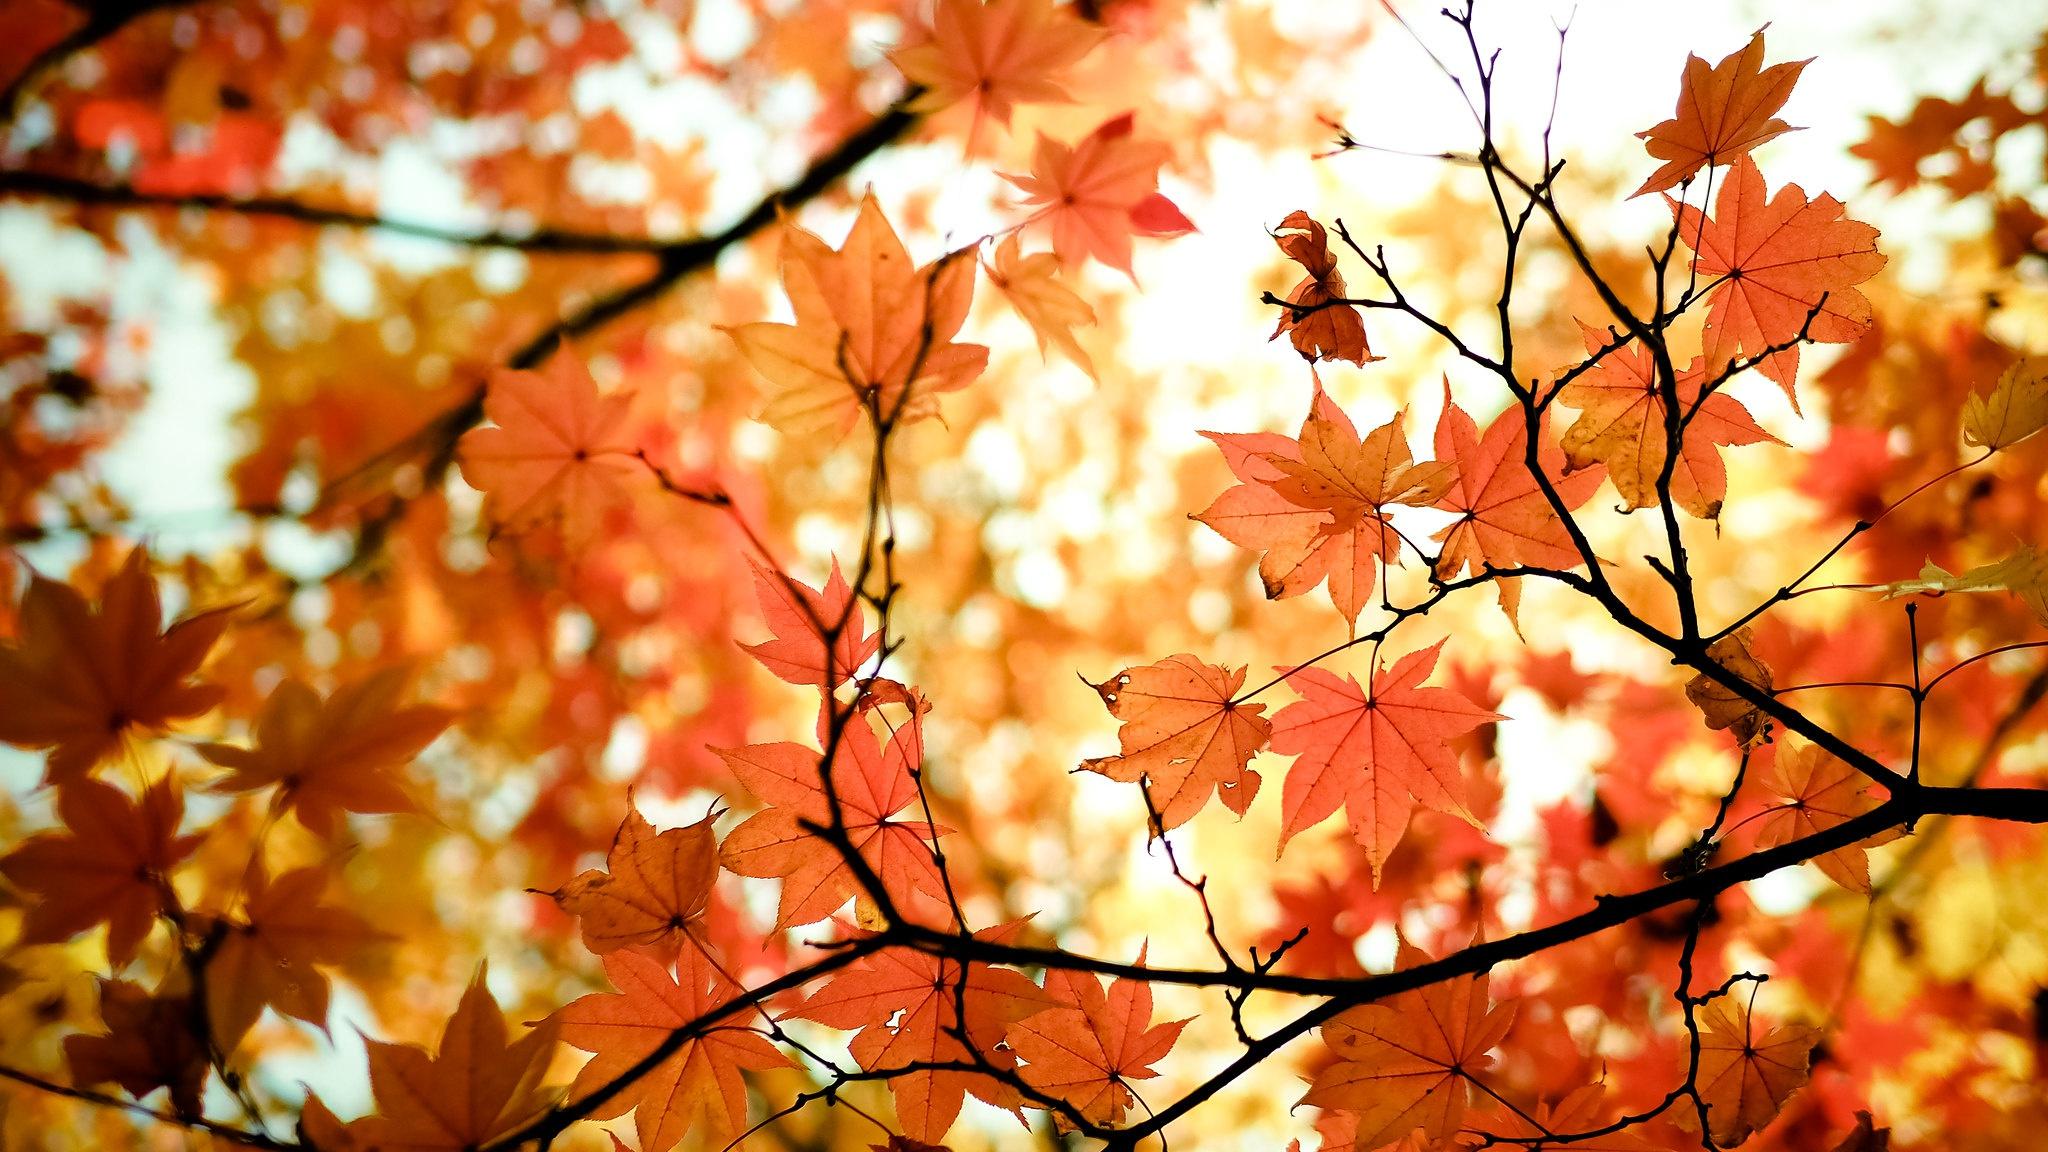 Fall Nature Maple Leaf 2048x1152